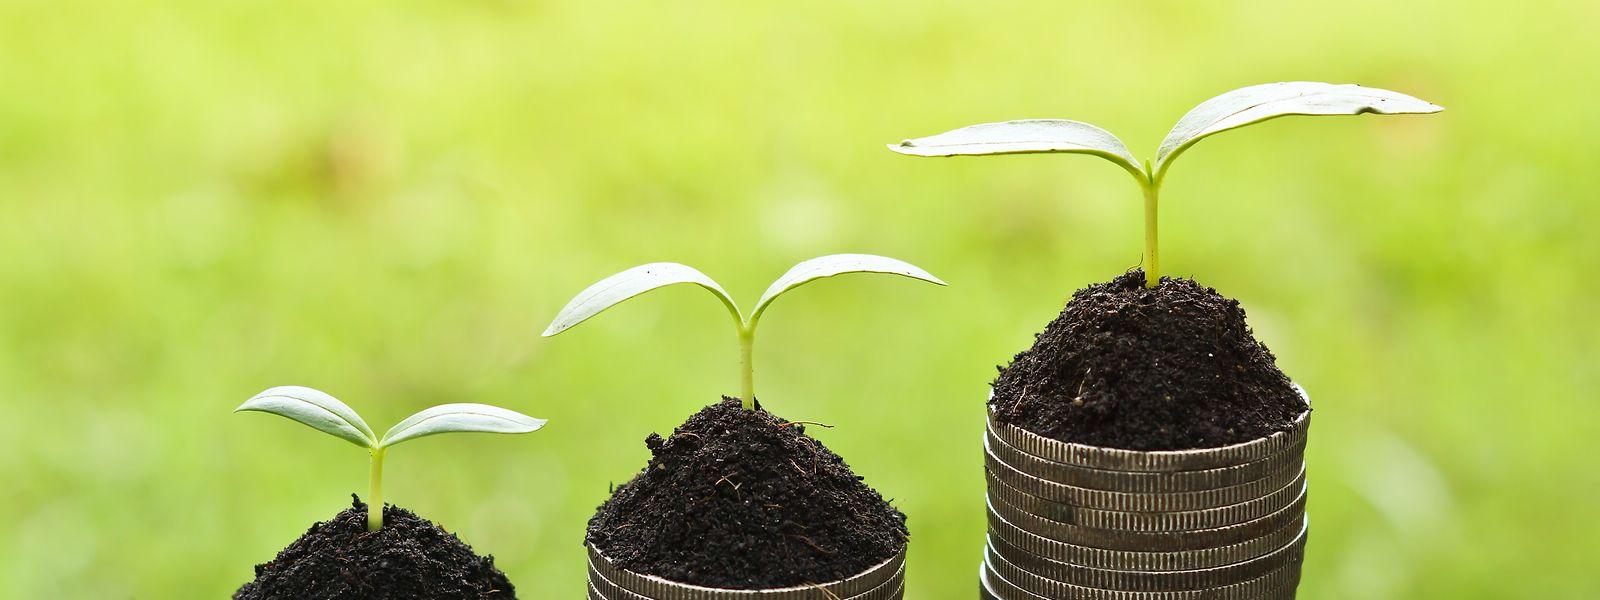 In die Zukunft investieren: Mit Green Bonds soll gegen den Klimawandel gekämpft werden.